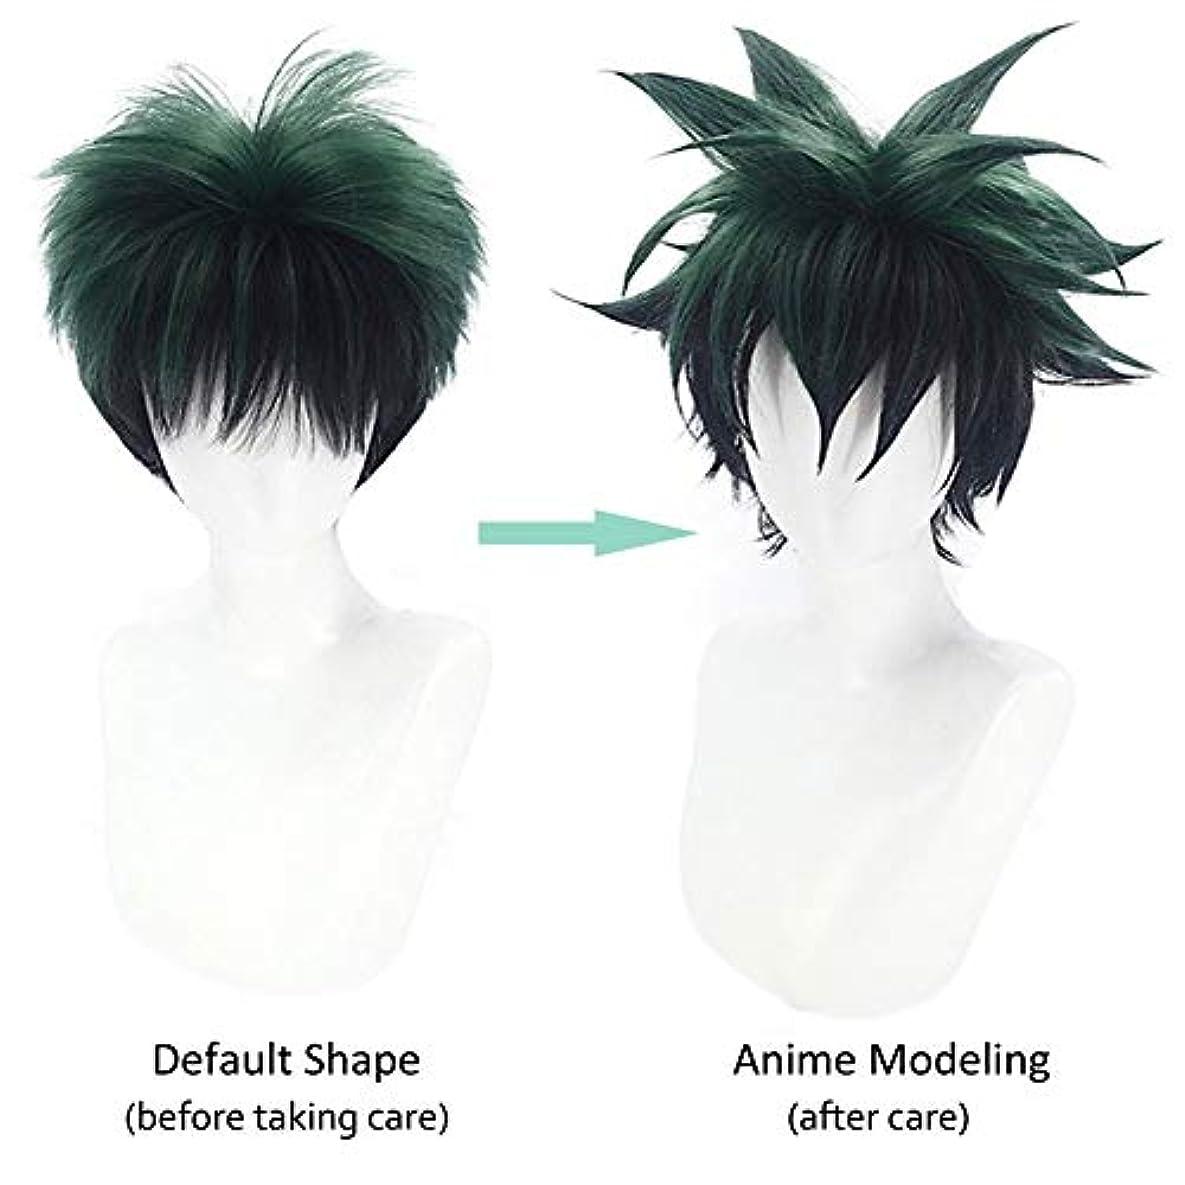 評決ページ減る1ピースショートブラックグリーンアニメコスプレウィッグ2色グラデーションコスプレウィッグマット高温シルク合成反反りウィッグ無料ウィッグキャップ付き